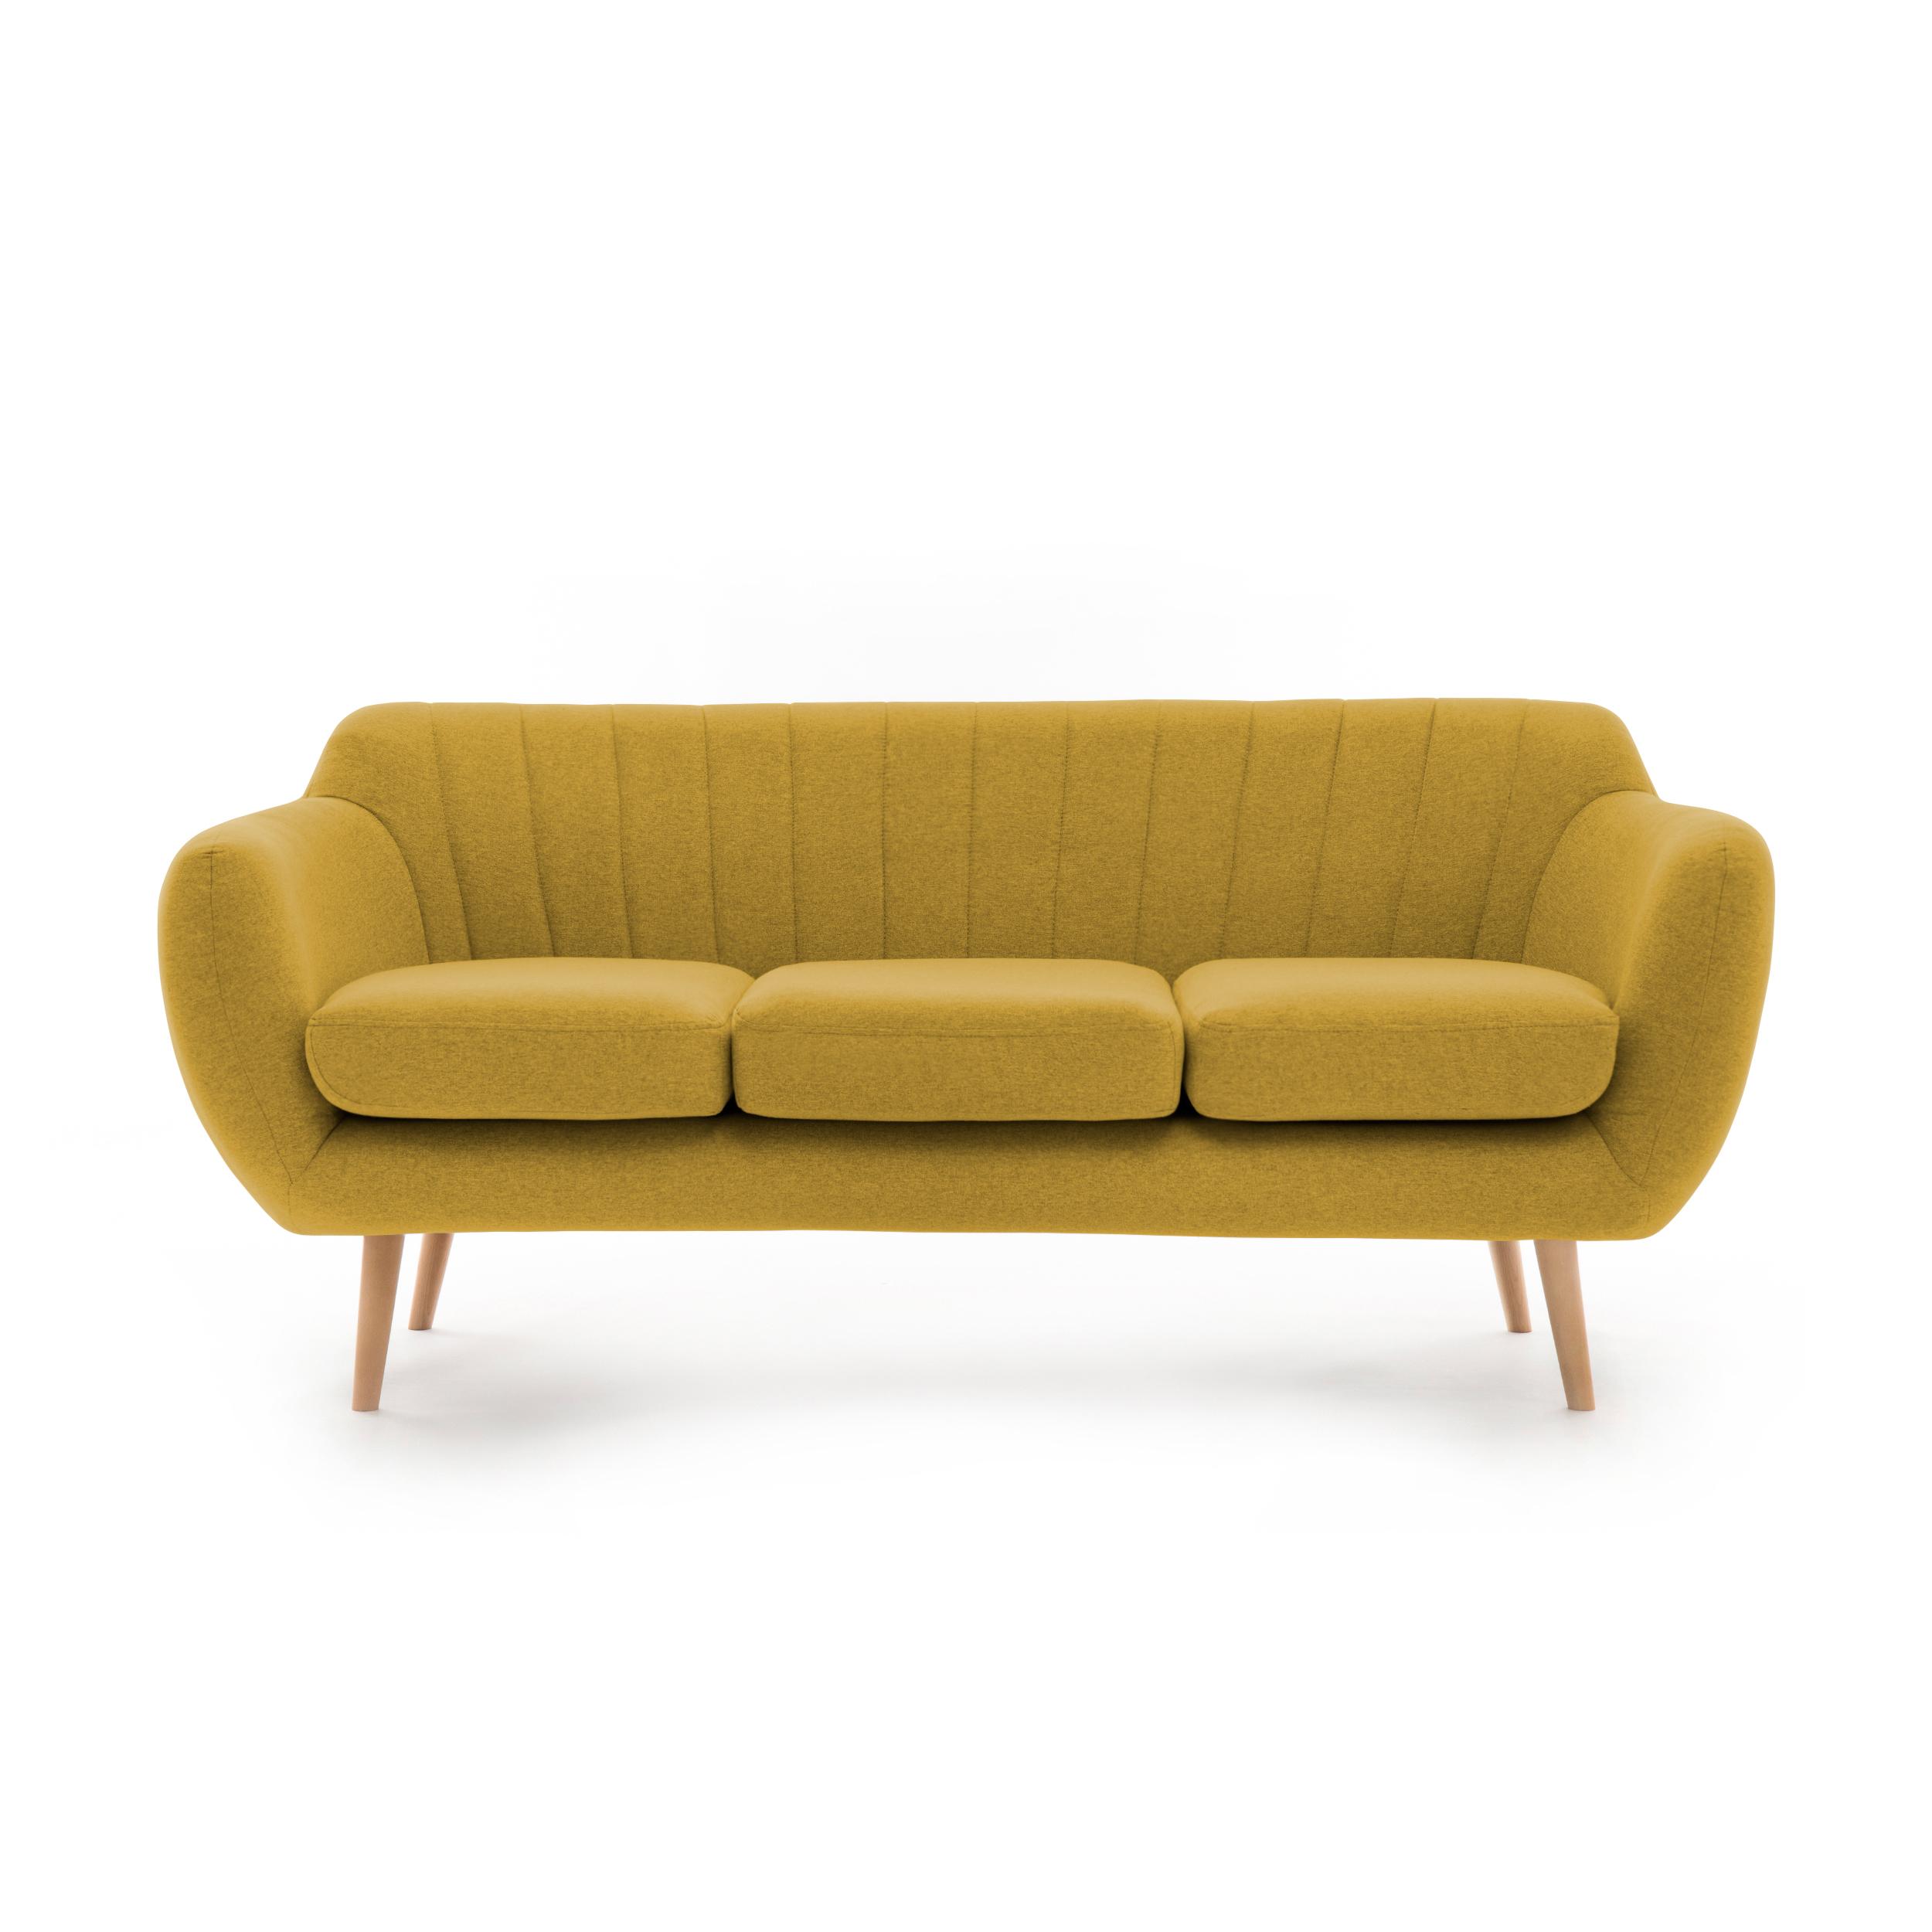 Canapea Fixa 3 locuri Kennet Lemon